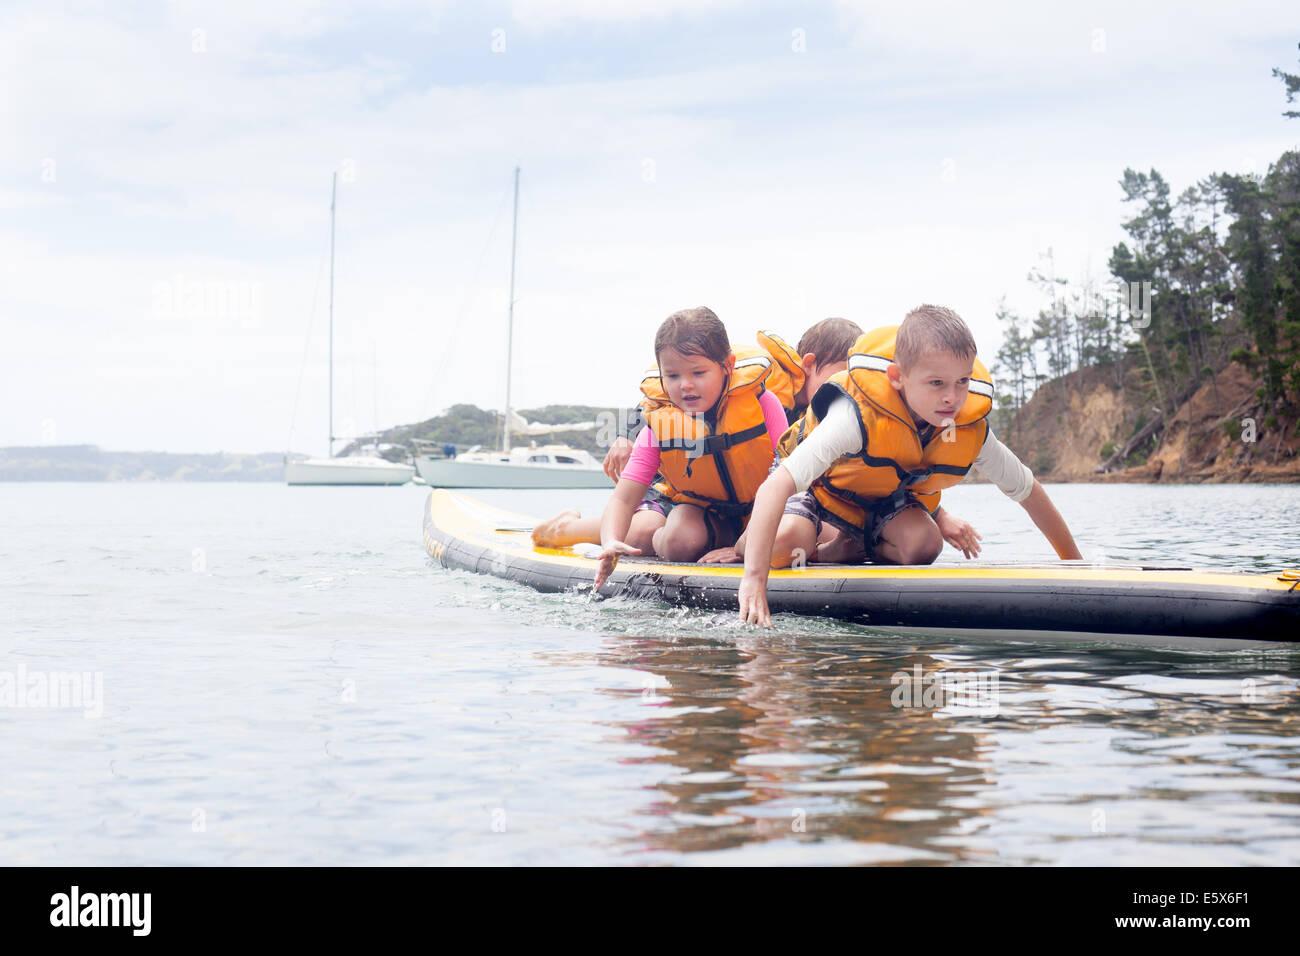 Frères et soeur paddleboarding sur les genoux en mer Photo Stock